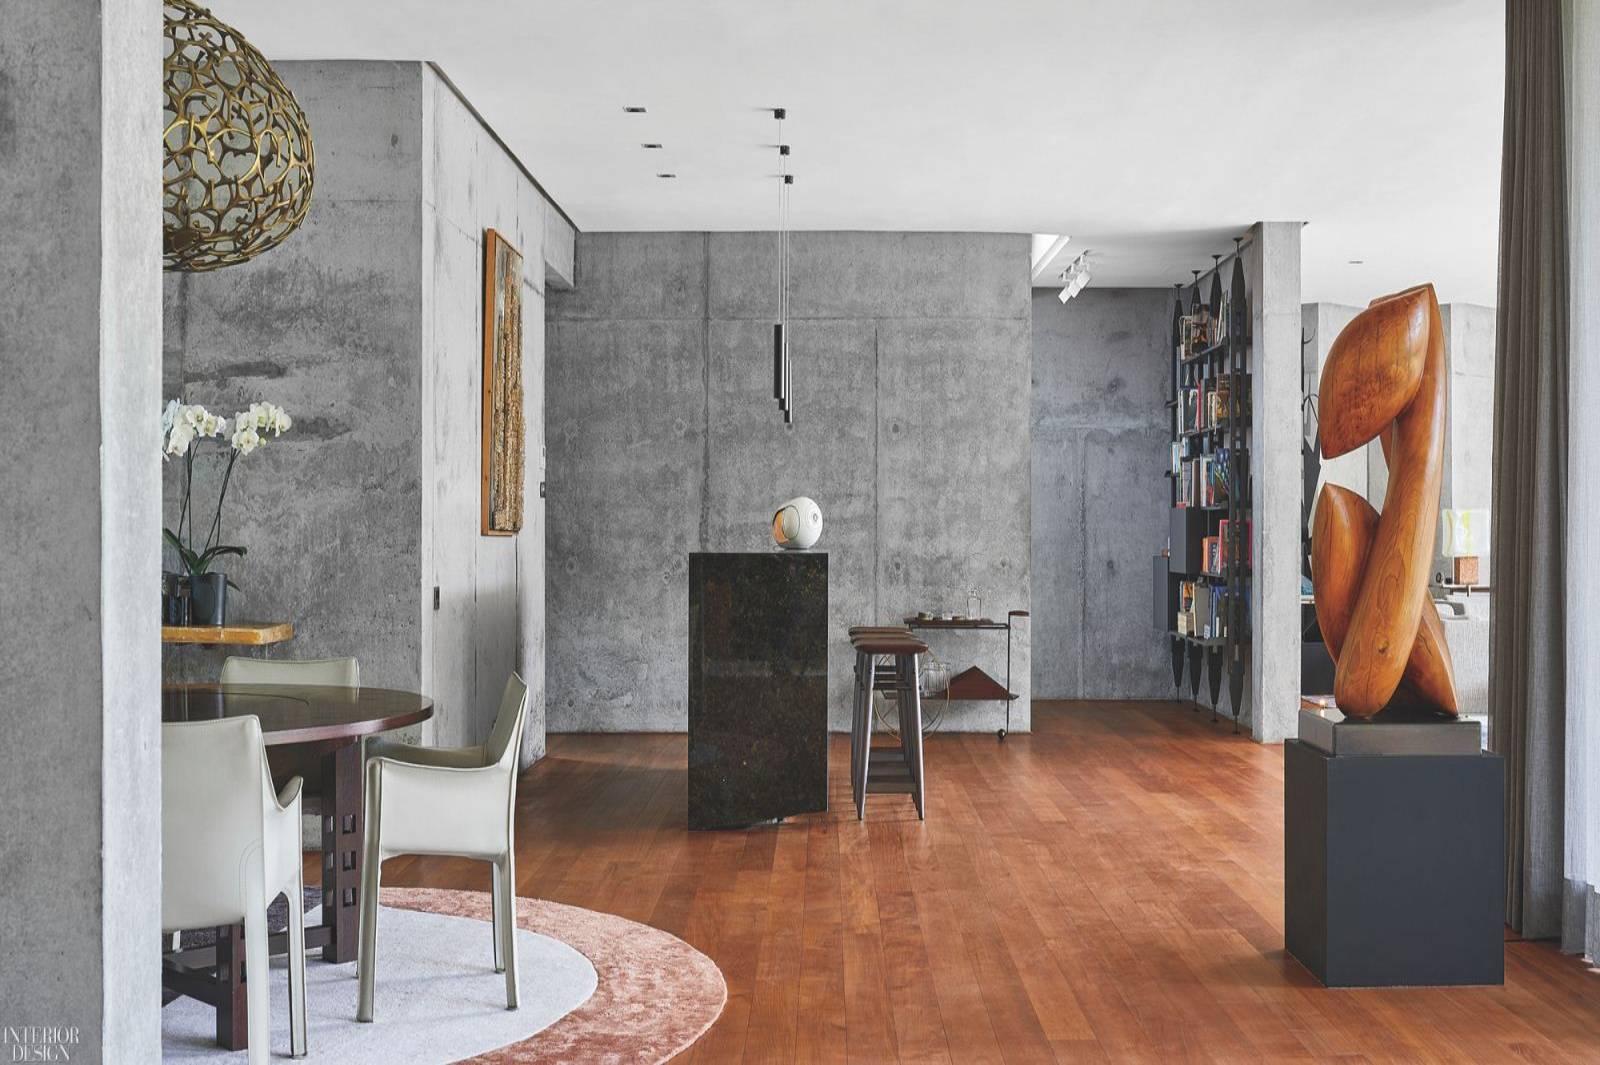 Phong cách nội thất Brutalism là gì? Trào lưu thiết kế nội thất thô mộc